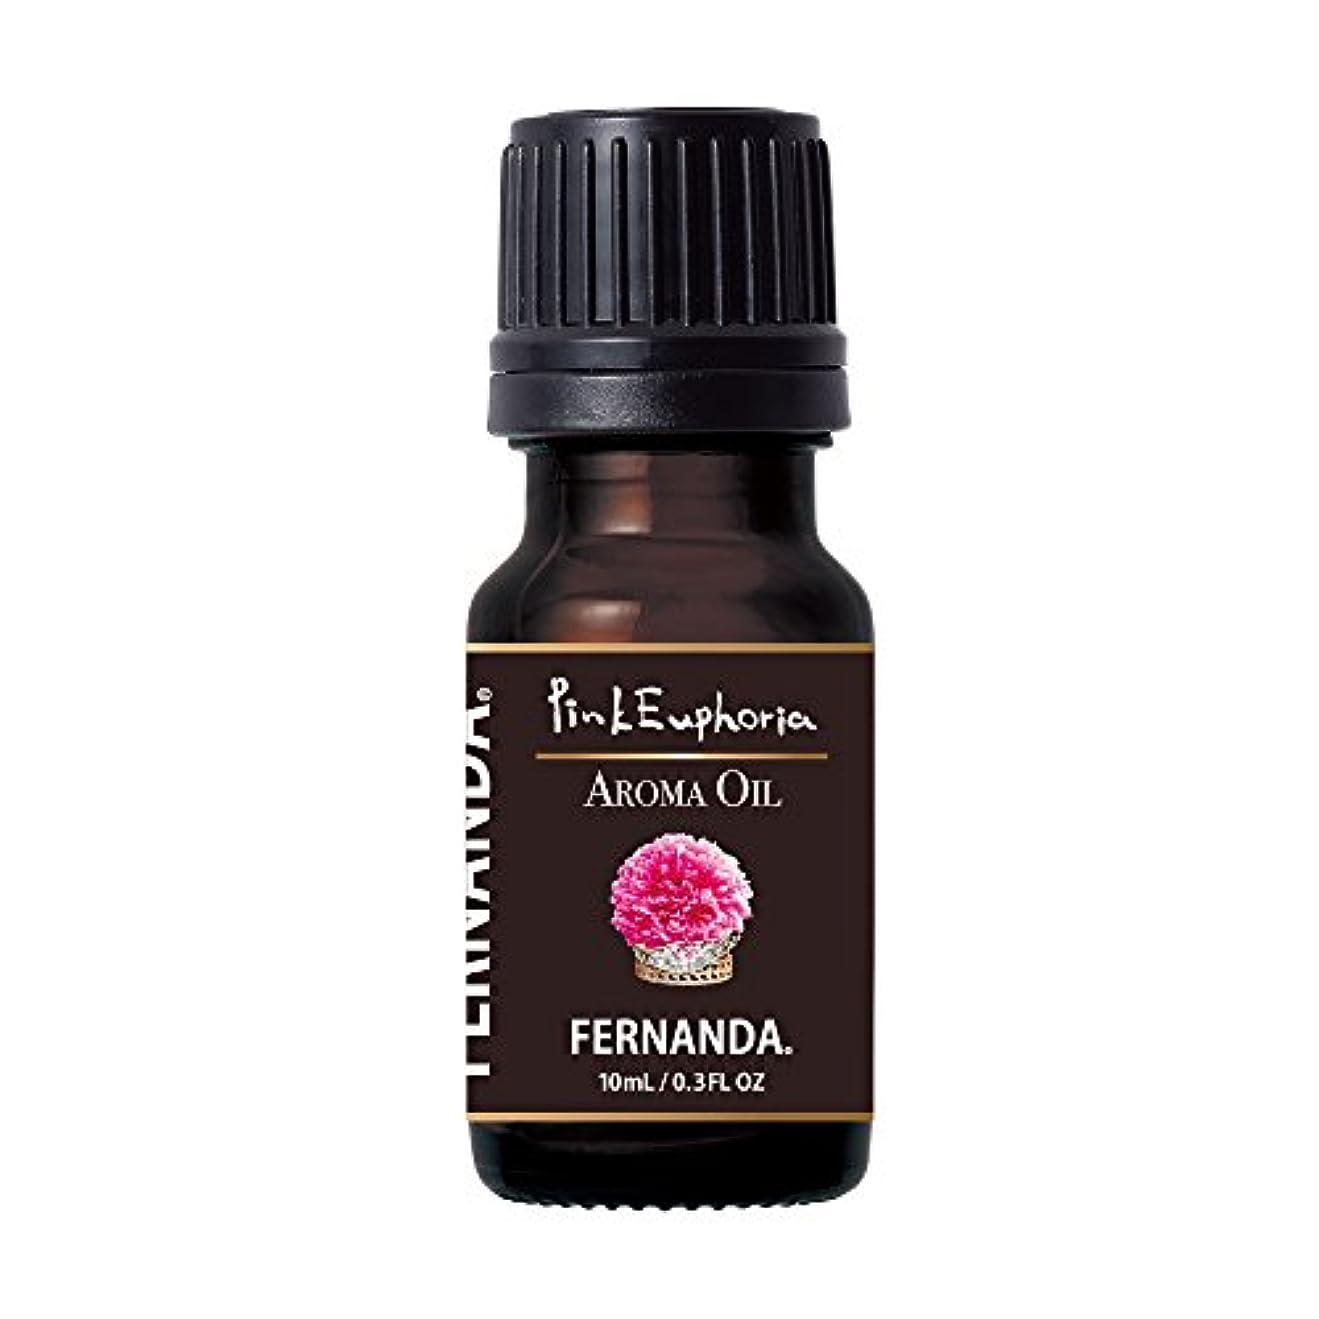 レイ子供時代厳FERNANDA(フェルナンダ) Fragrance Aroma Oil Pink Euphoria (アロマオイル ピンクエウフォリア)